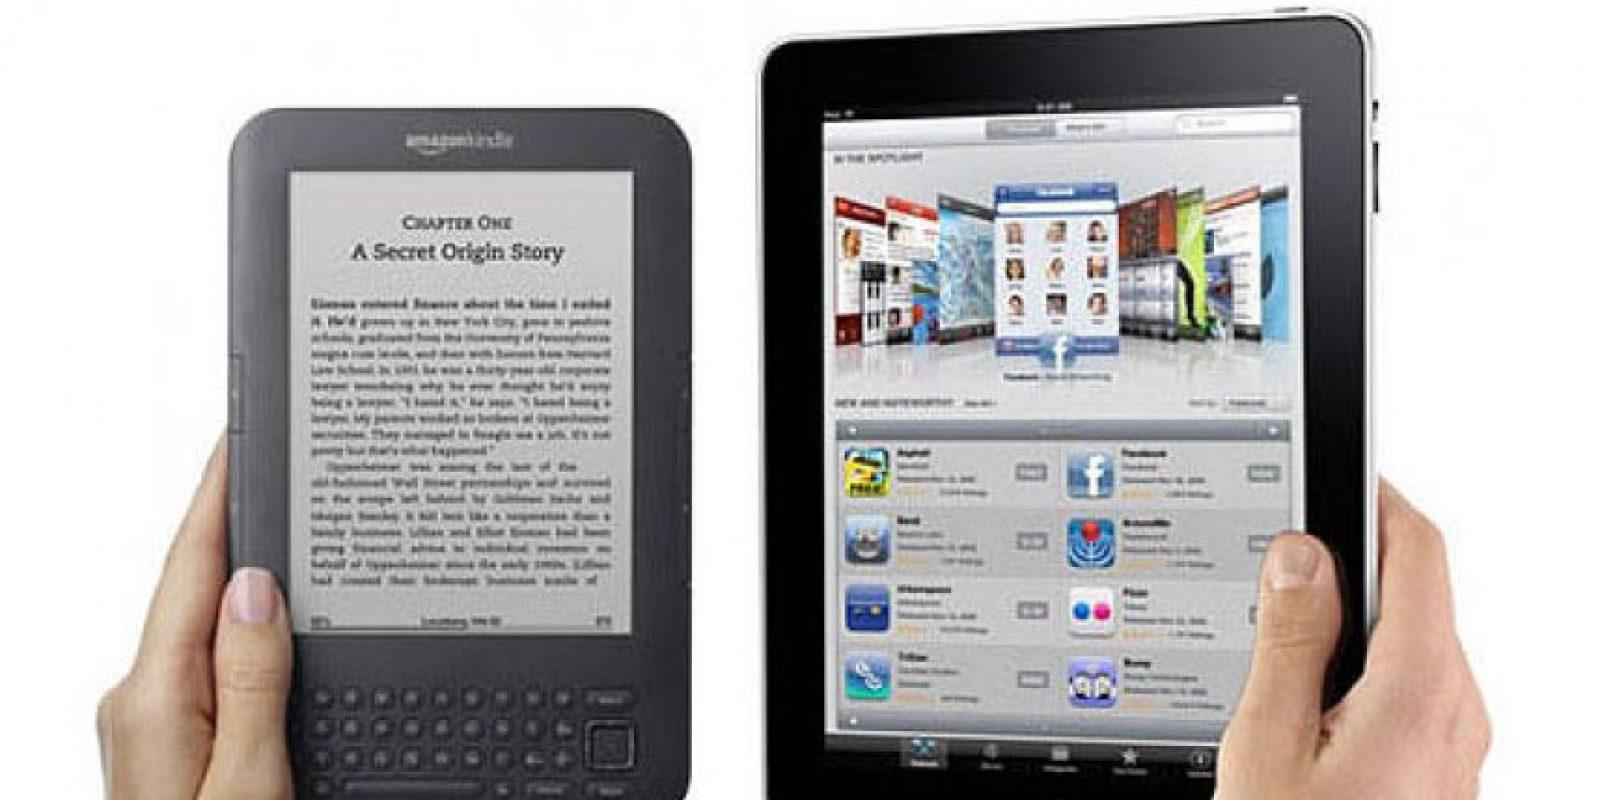 Les presentamos la evolución de los eReaders Foto:c2.staticflickr.com/8/